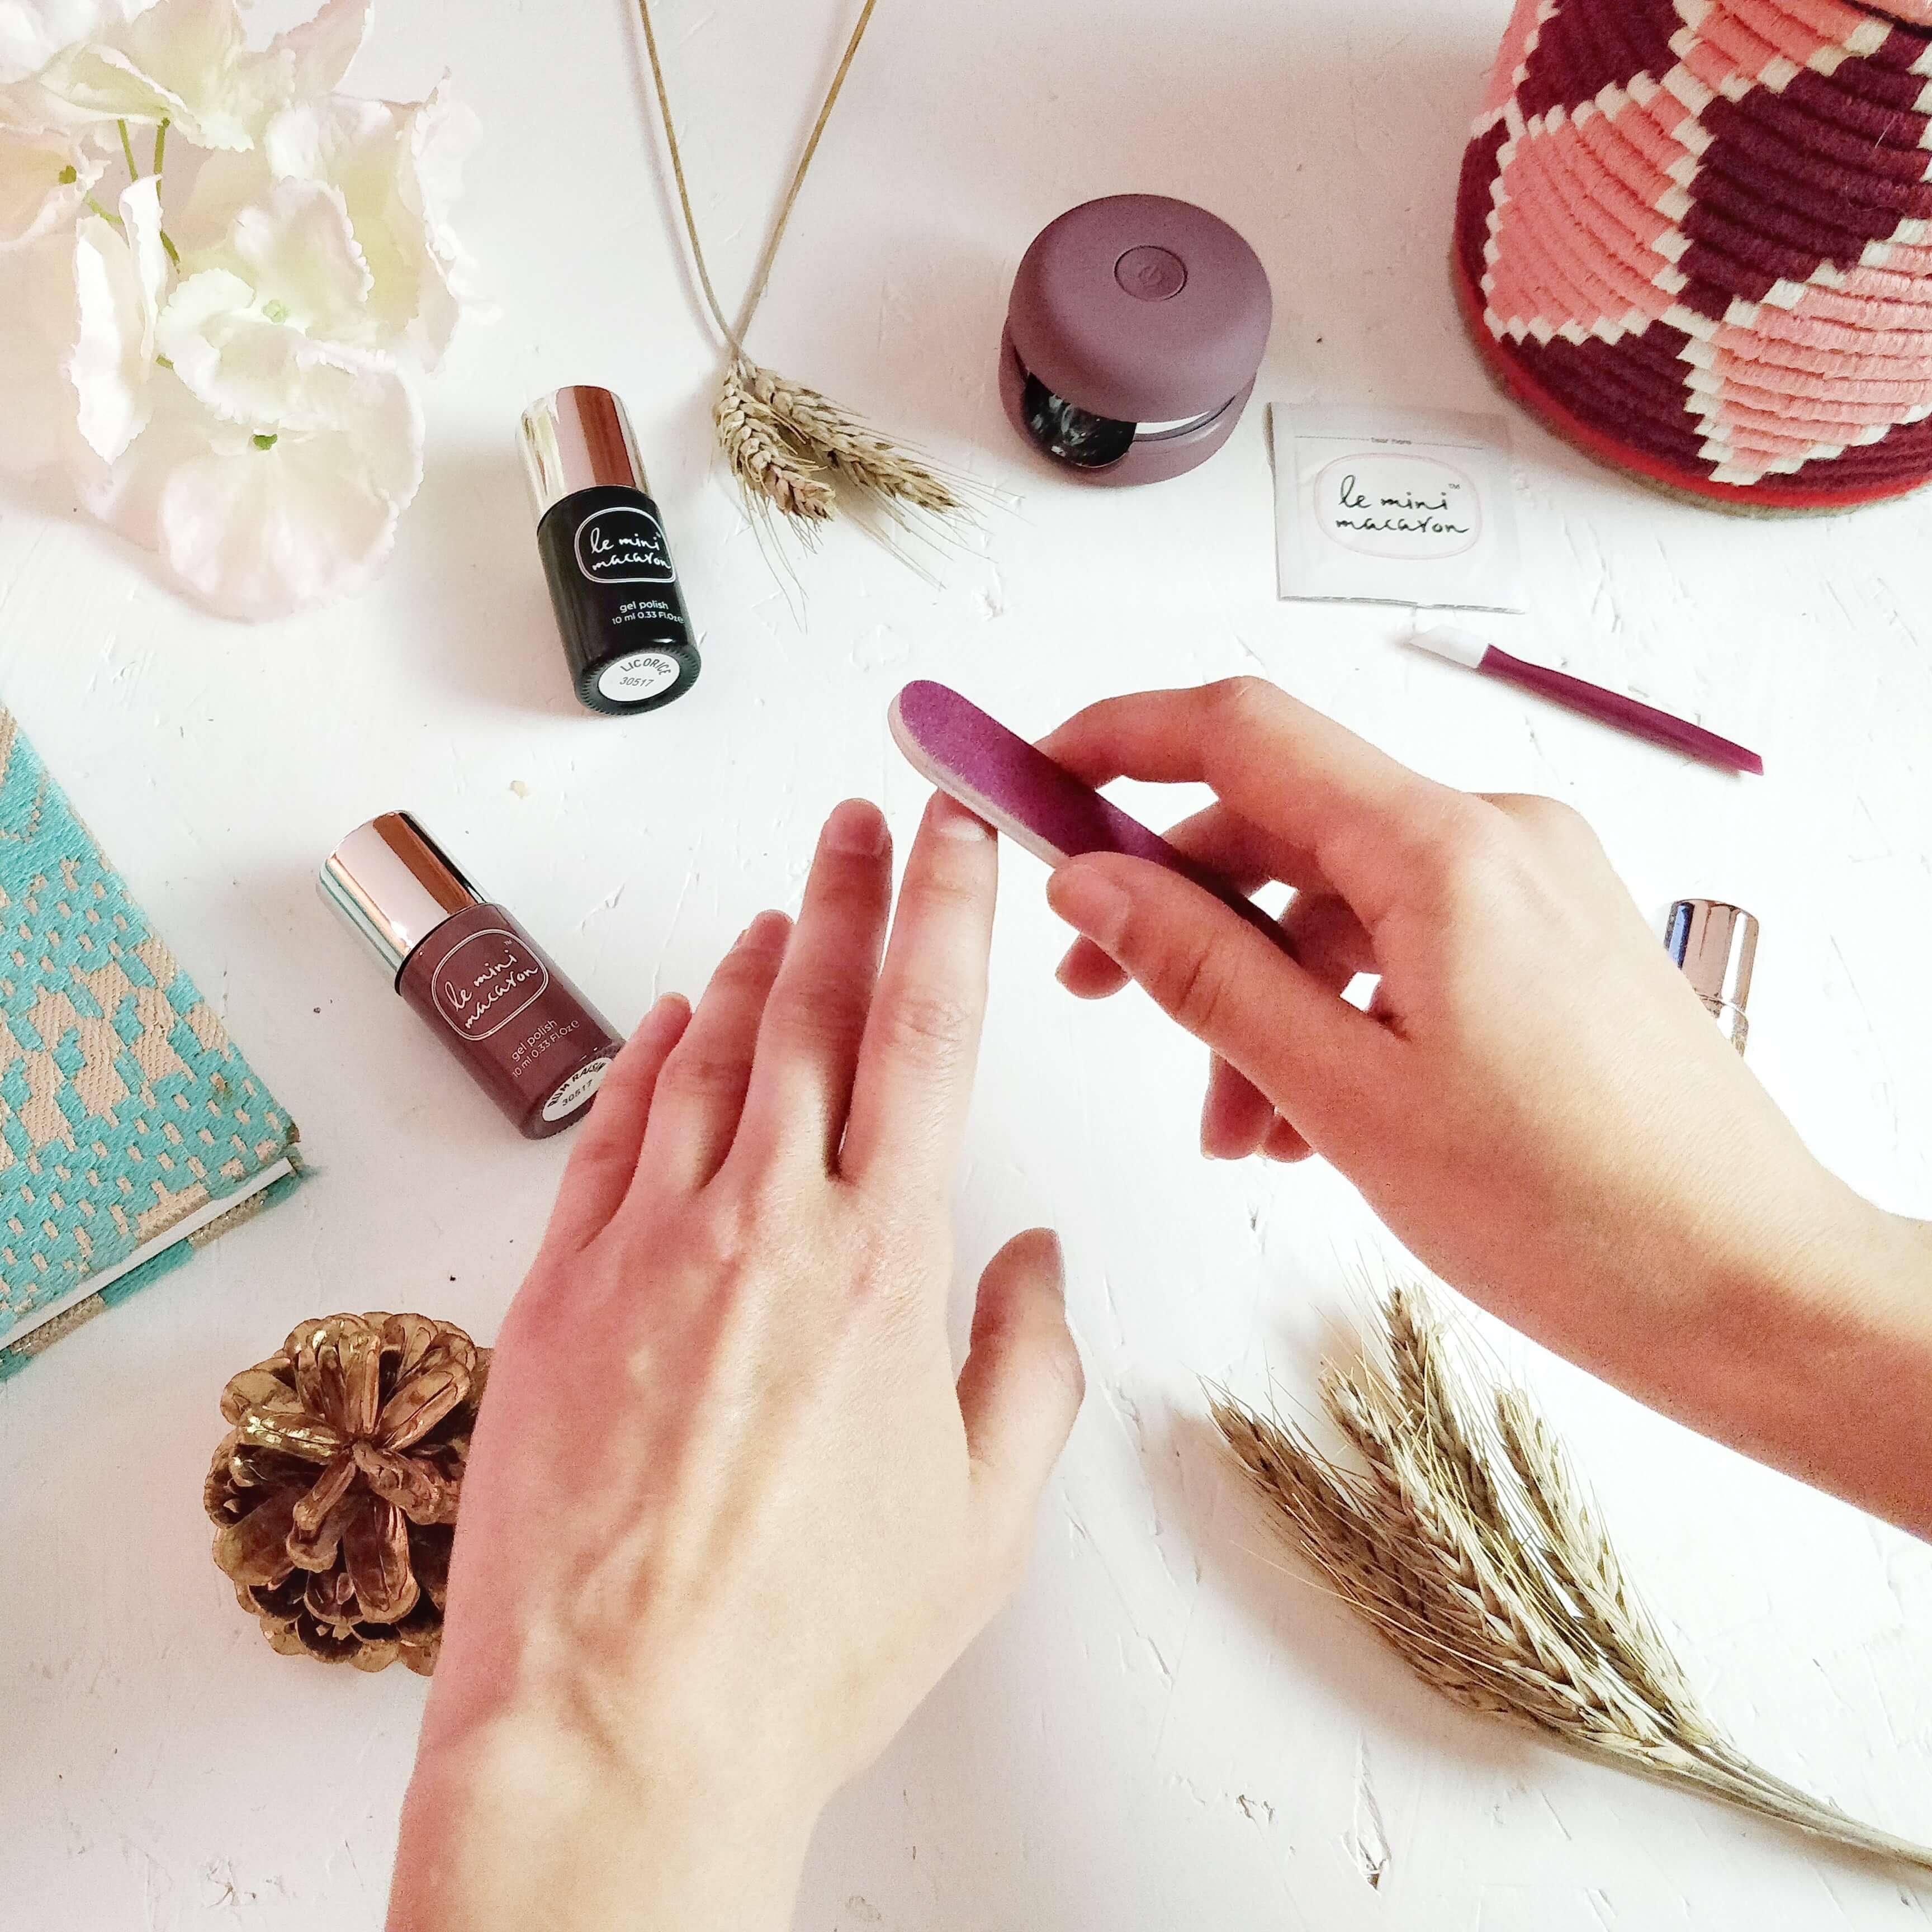 tutoriel le mini macaron blog - Une manucure semi-permanente à faire...chez soi